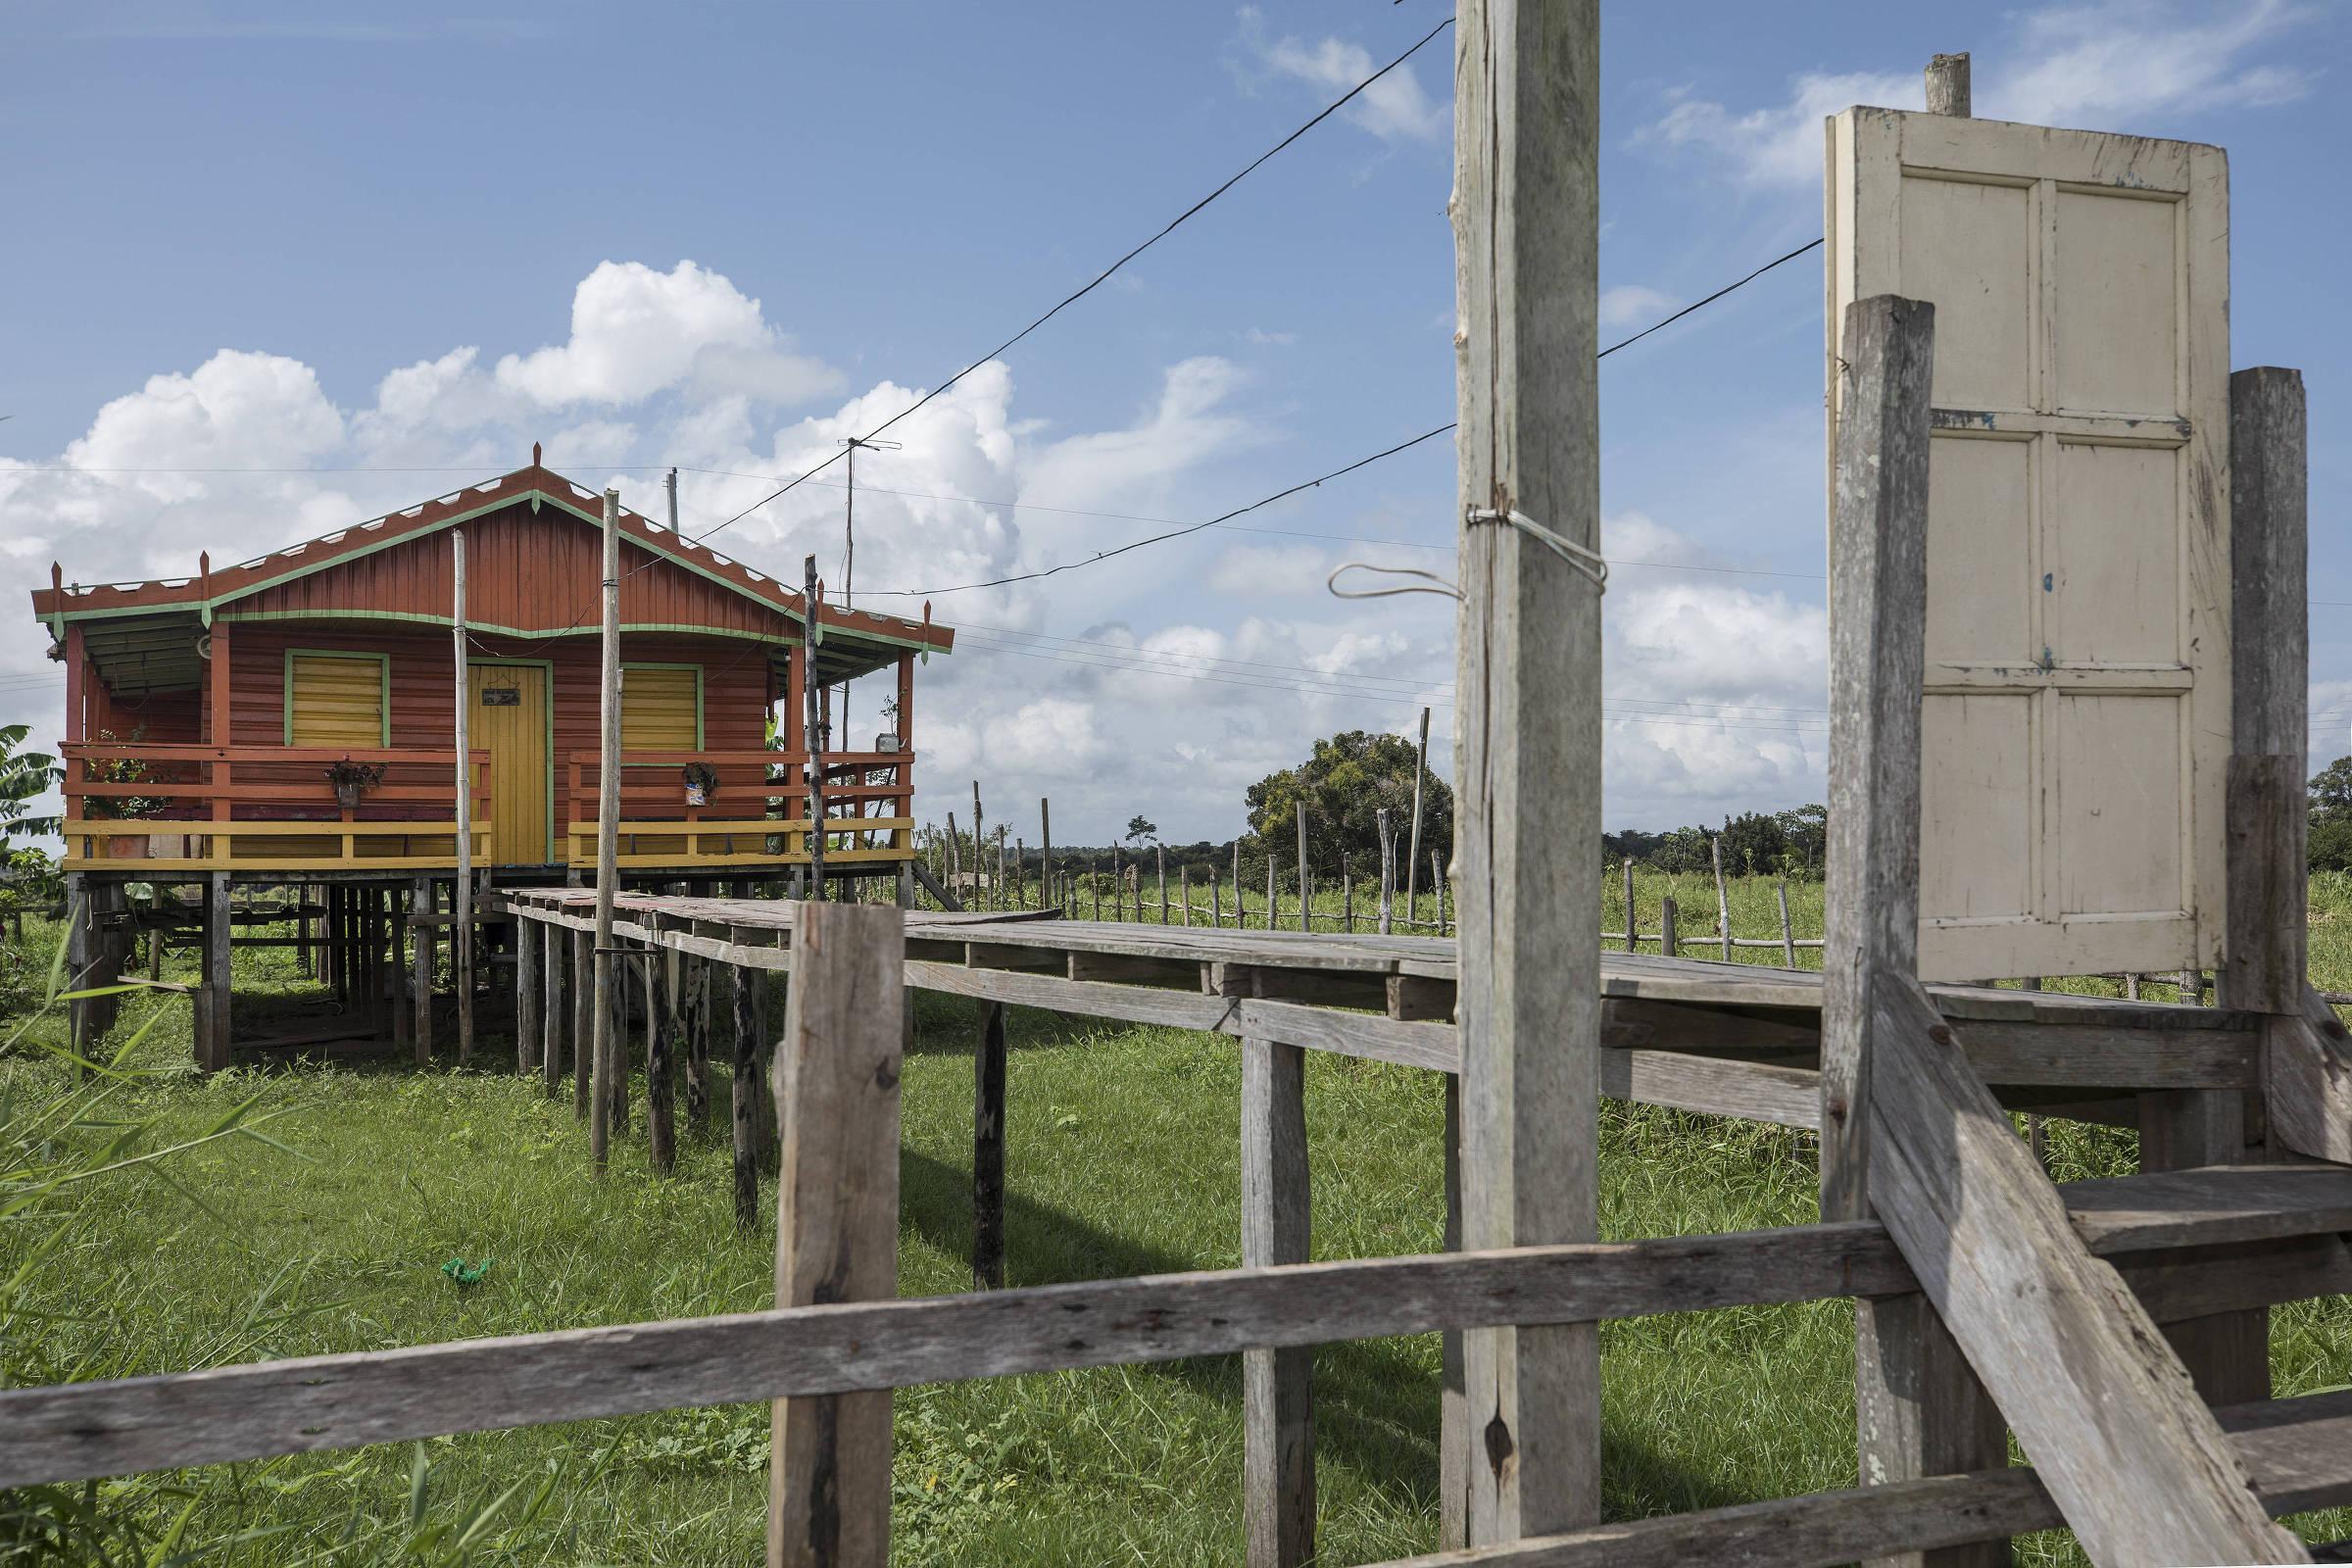 Em casa na comunidade Marimba, erguida para evitar cheias do rio Amazonas, a ponte que dá acesso à casa tem uma porta sem paredes